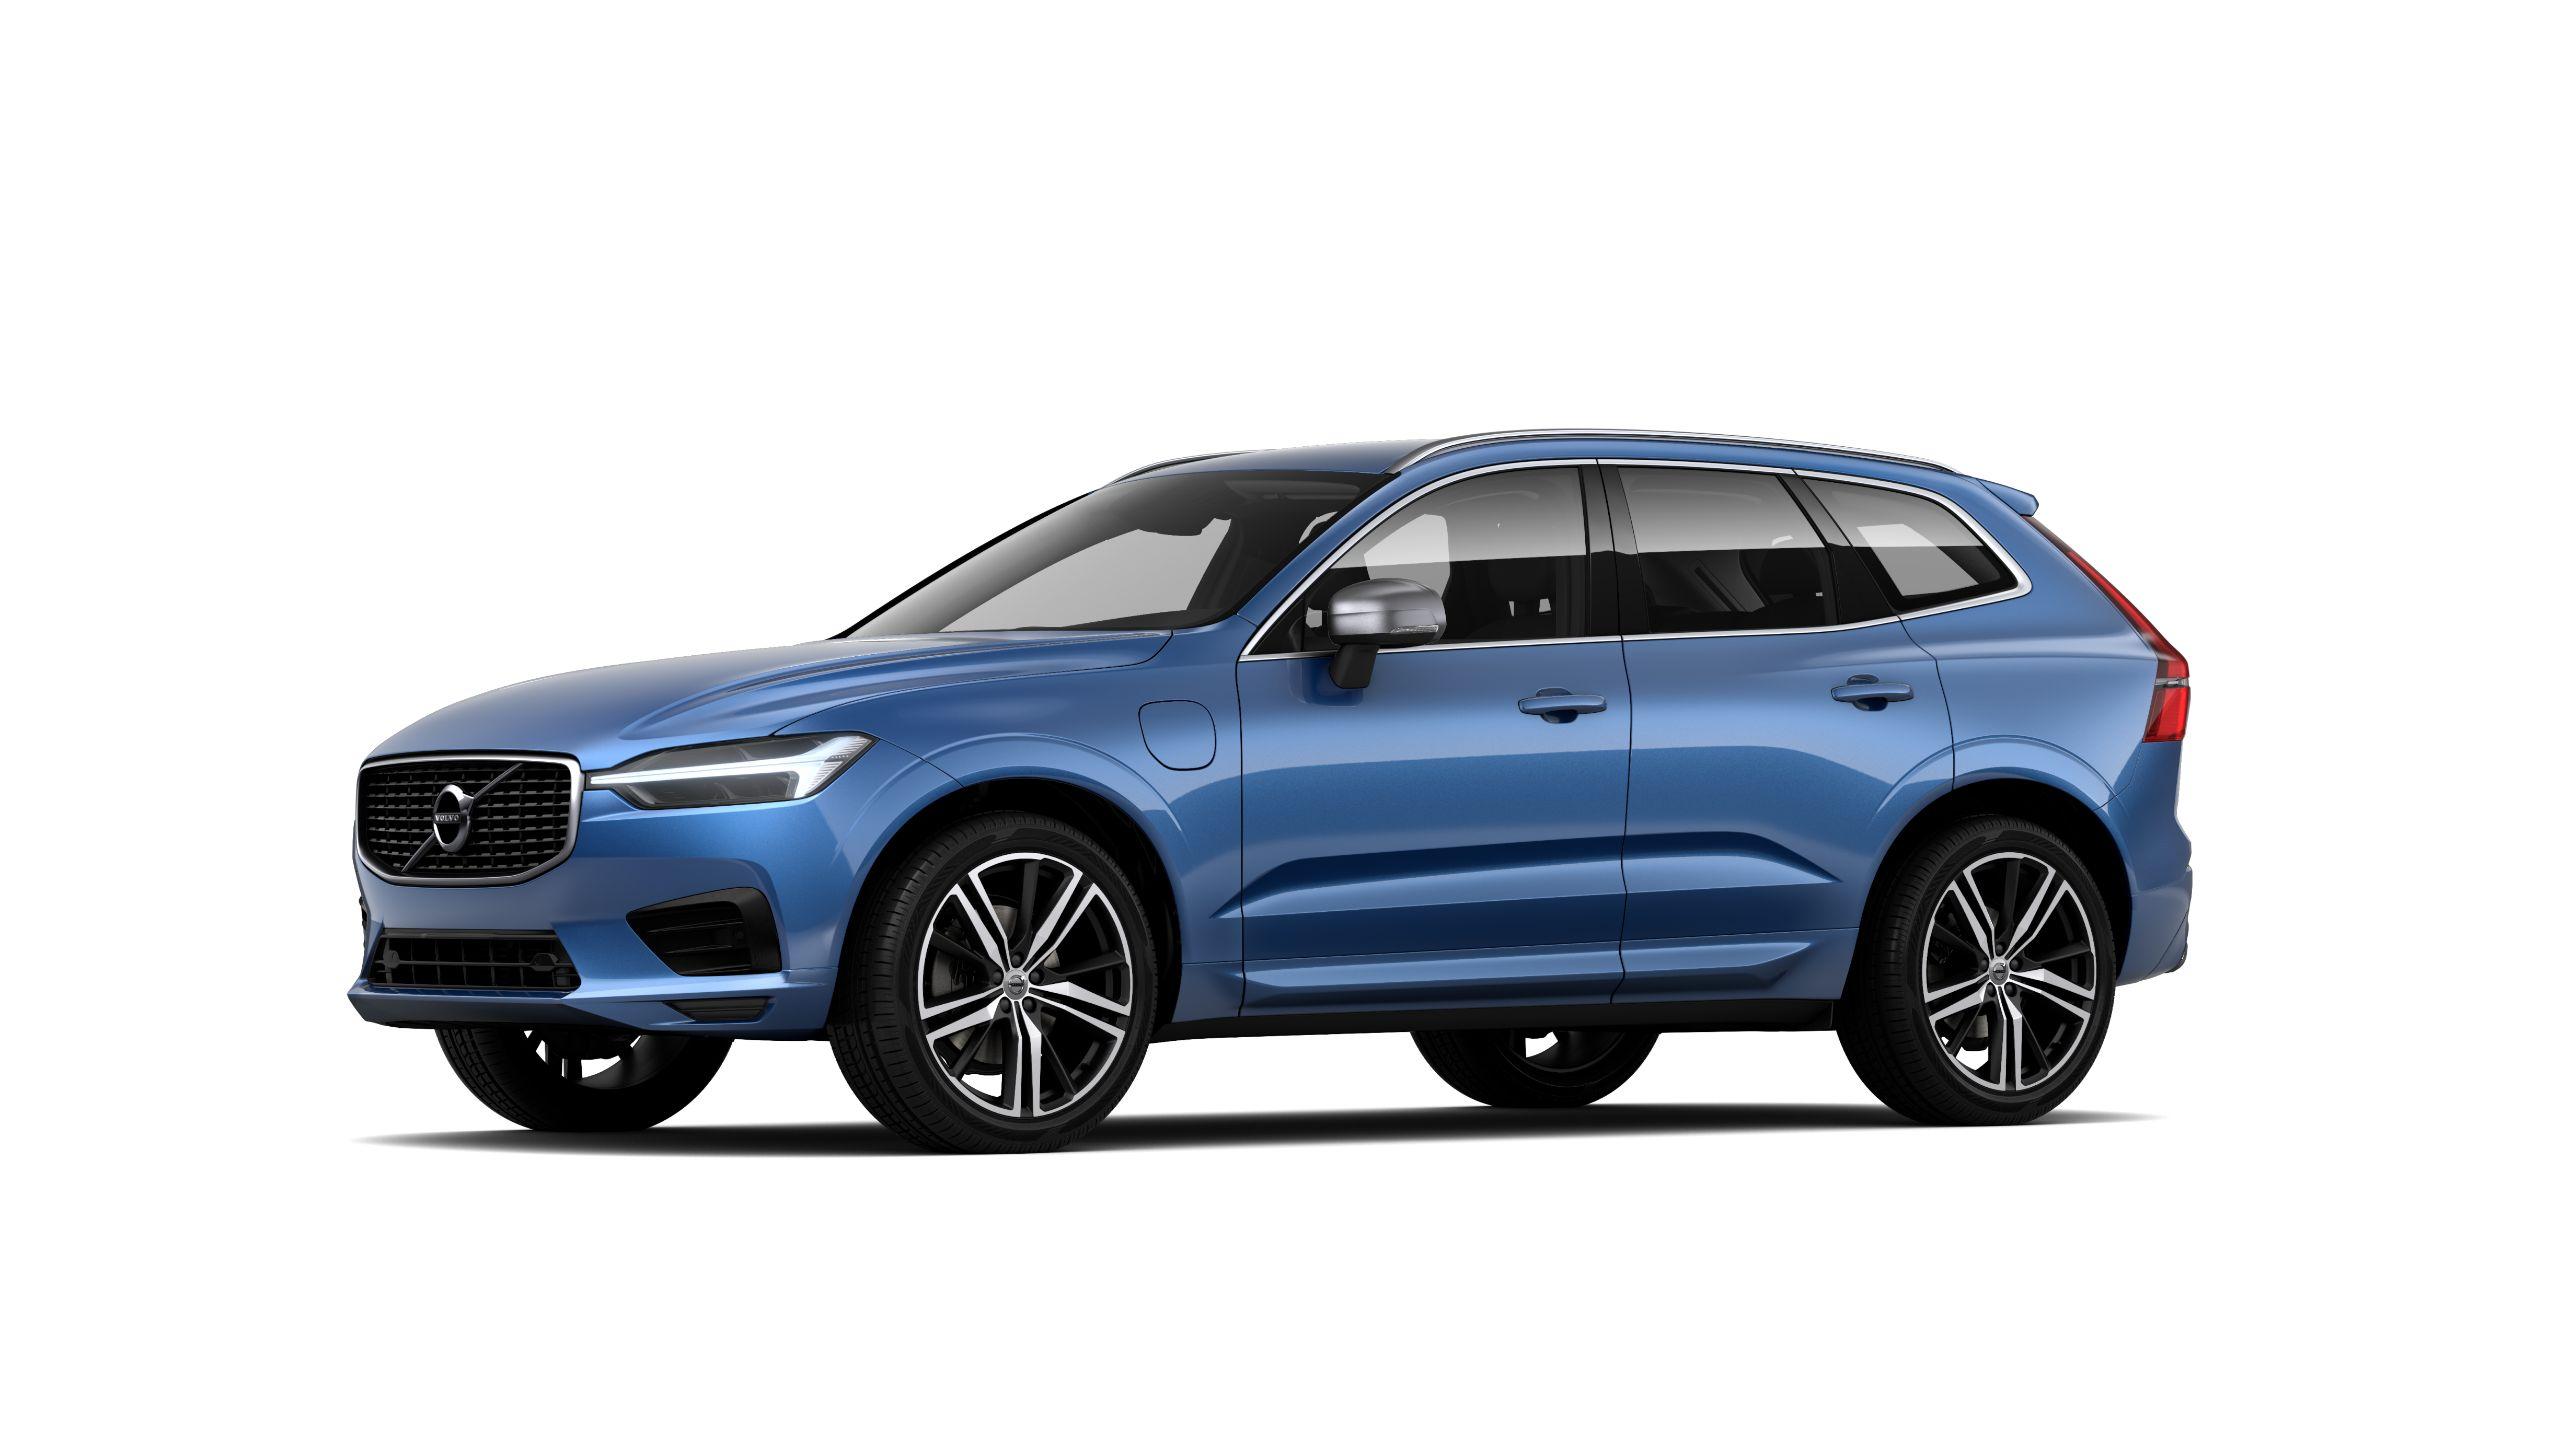 A Volvo apresenta, em São Paulo, mais dois modelos híbridos para sua gama: XC60 e S90. O SUV, já em pré-venda, custa R$ 300 mil. Sedã sai por R$ 366 mil.